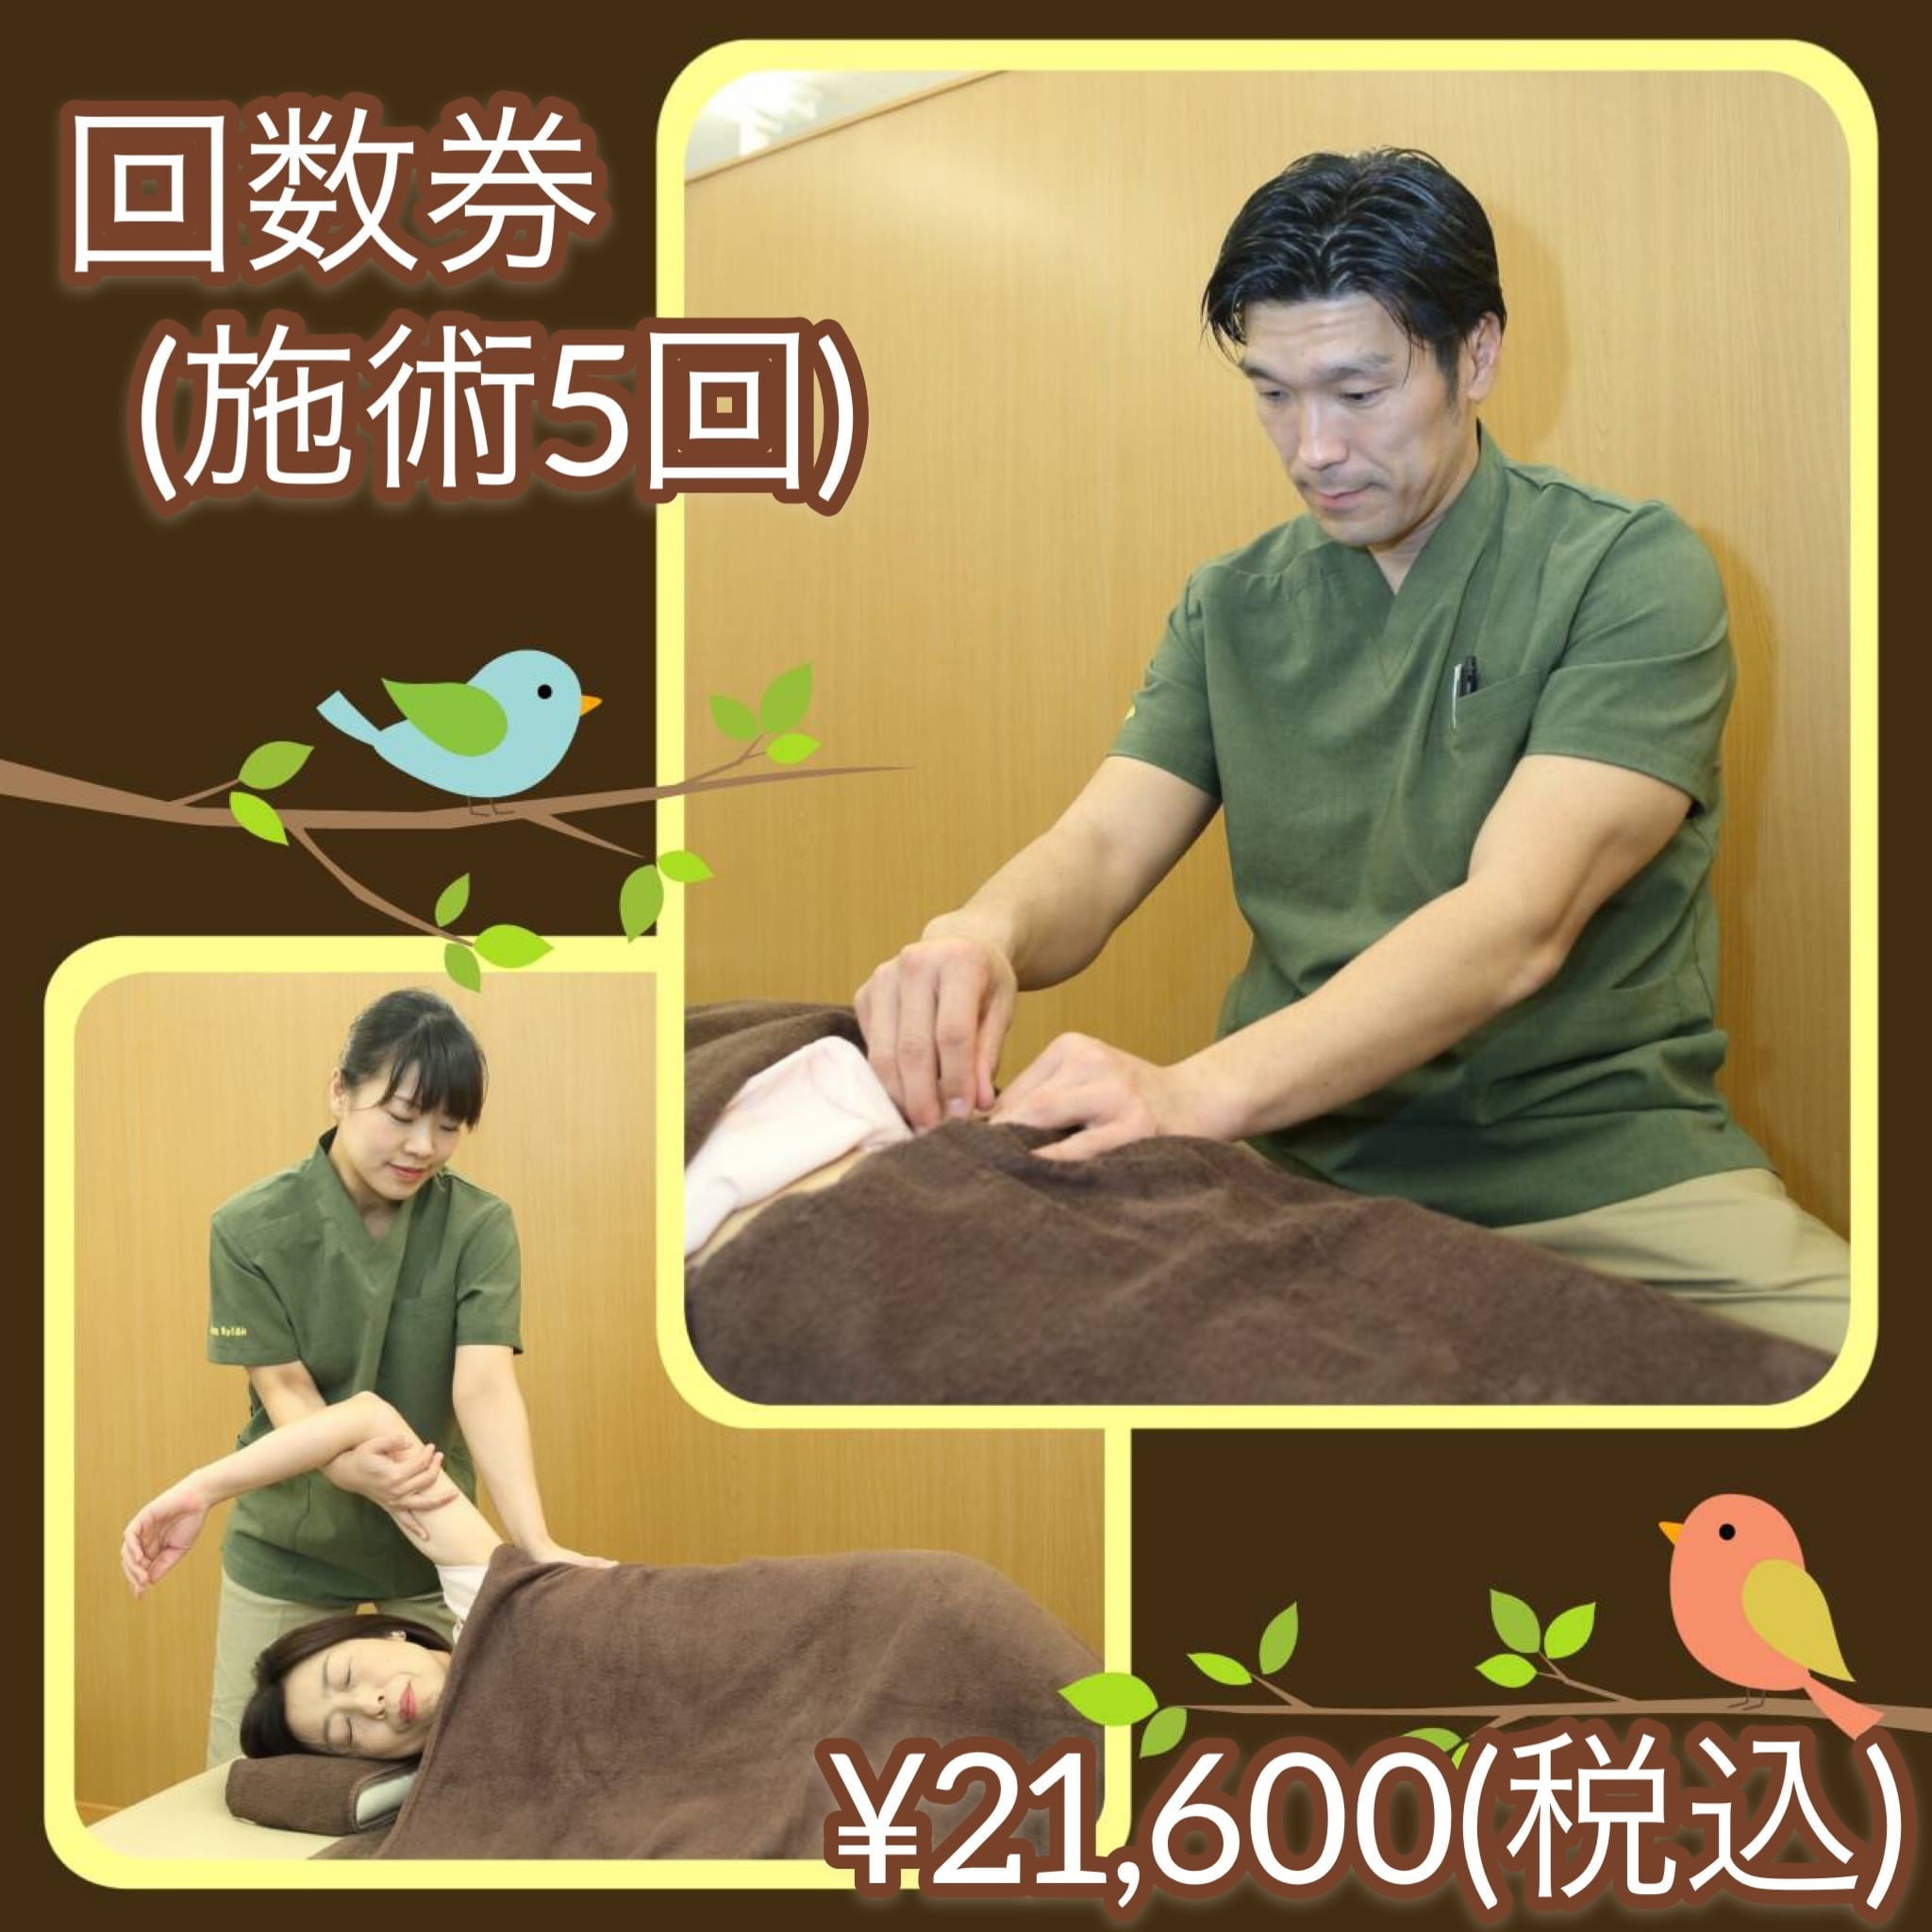 【回数券】鍼灸orマッサージ施術チケット5回分のイメージその1